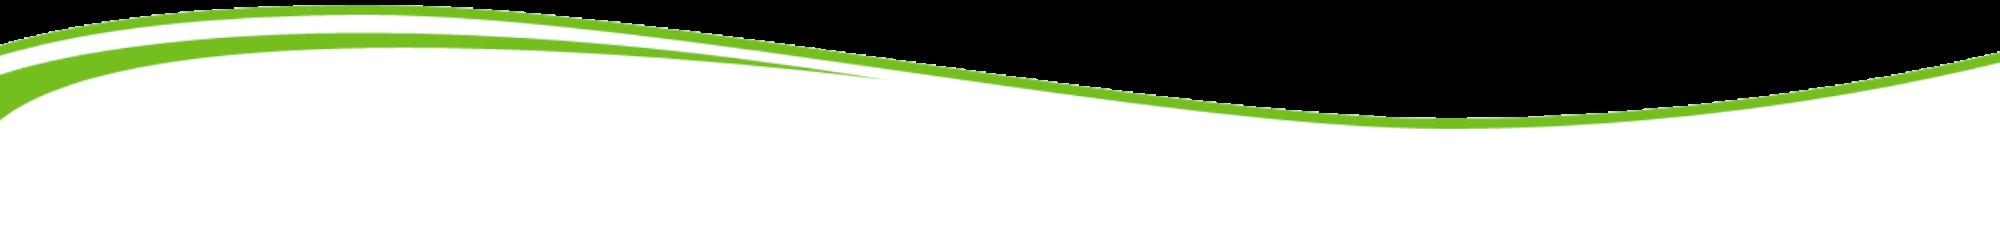 banner-bottom